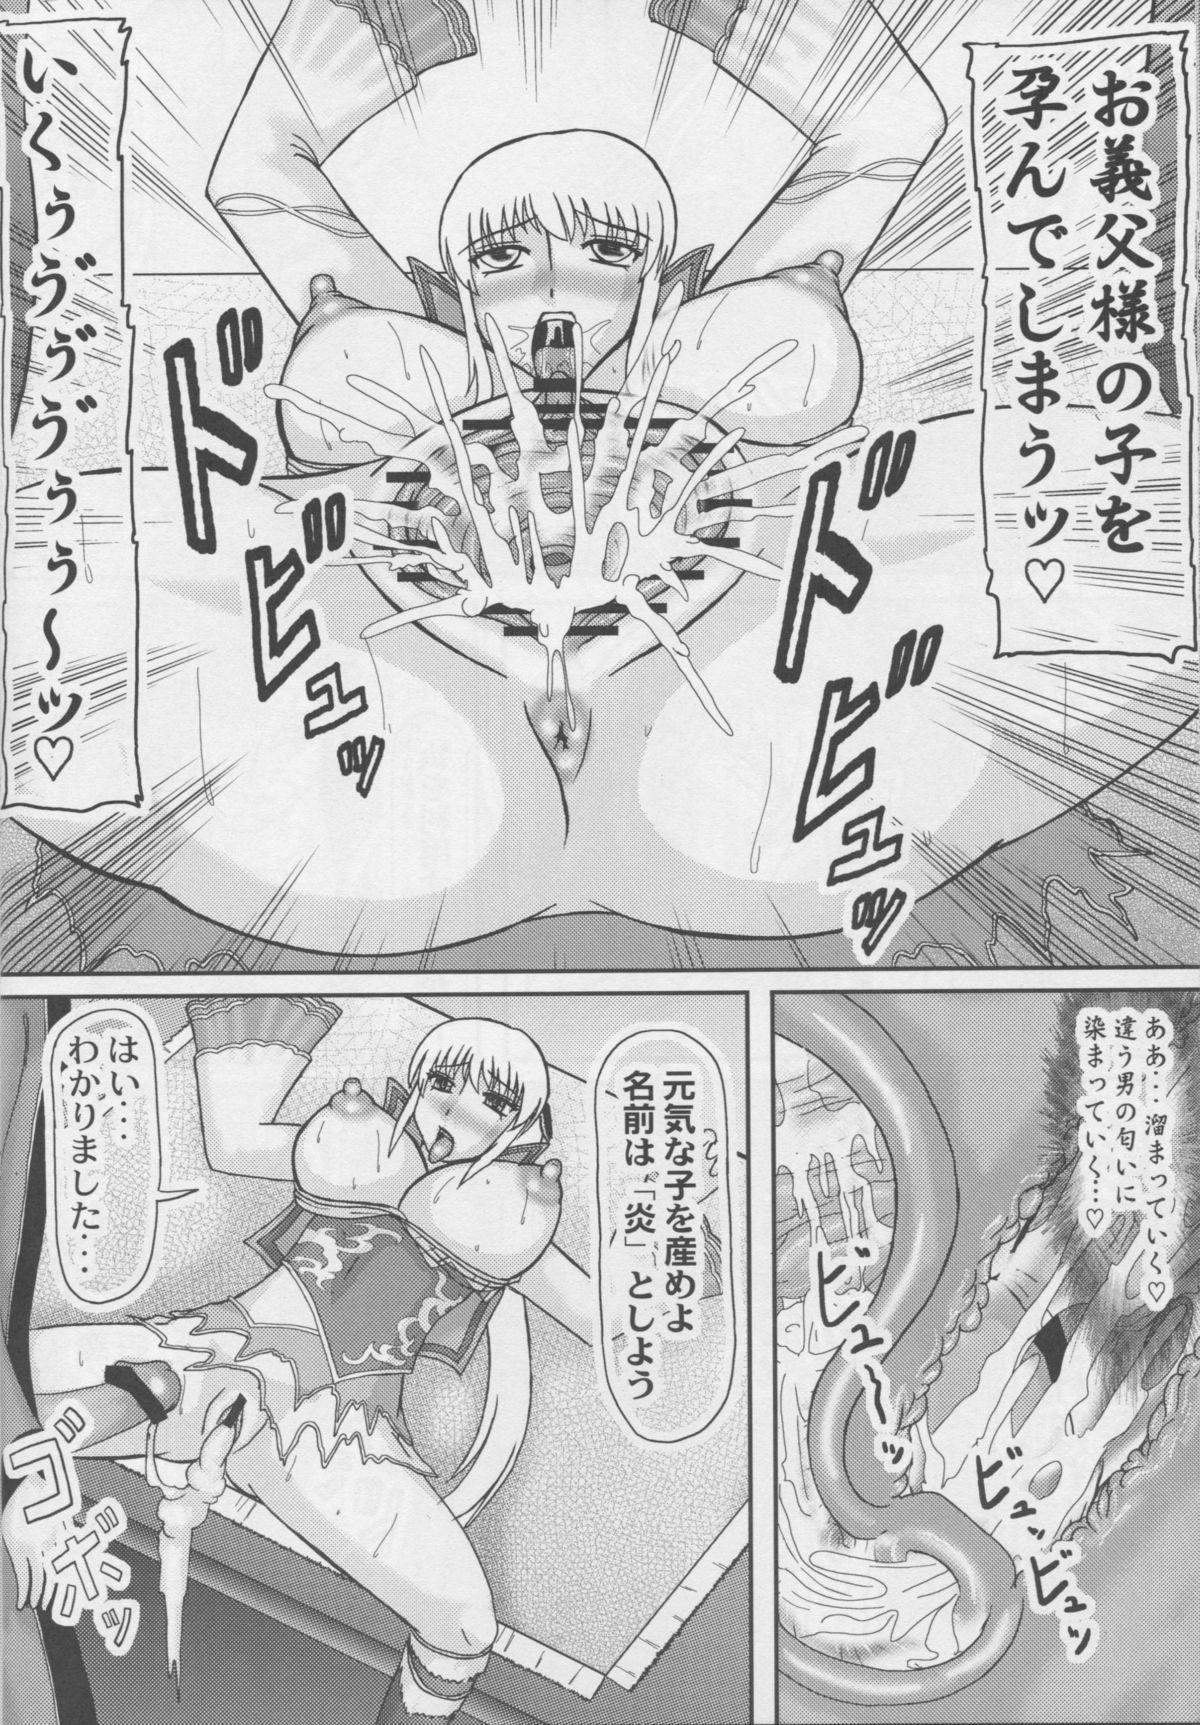 Koutei wo Umu Onna 16